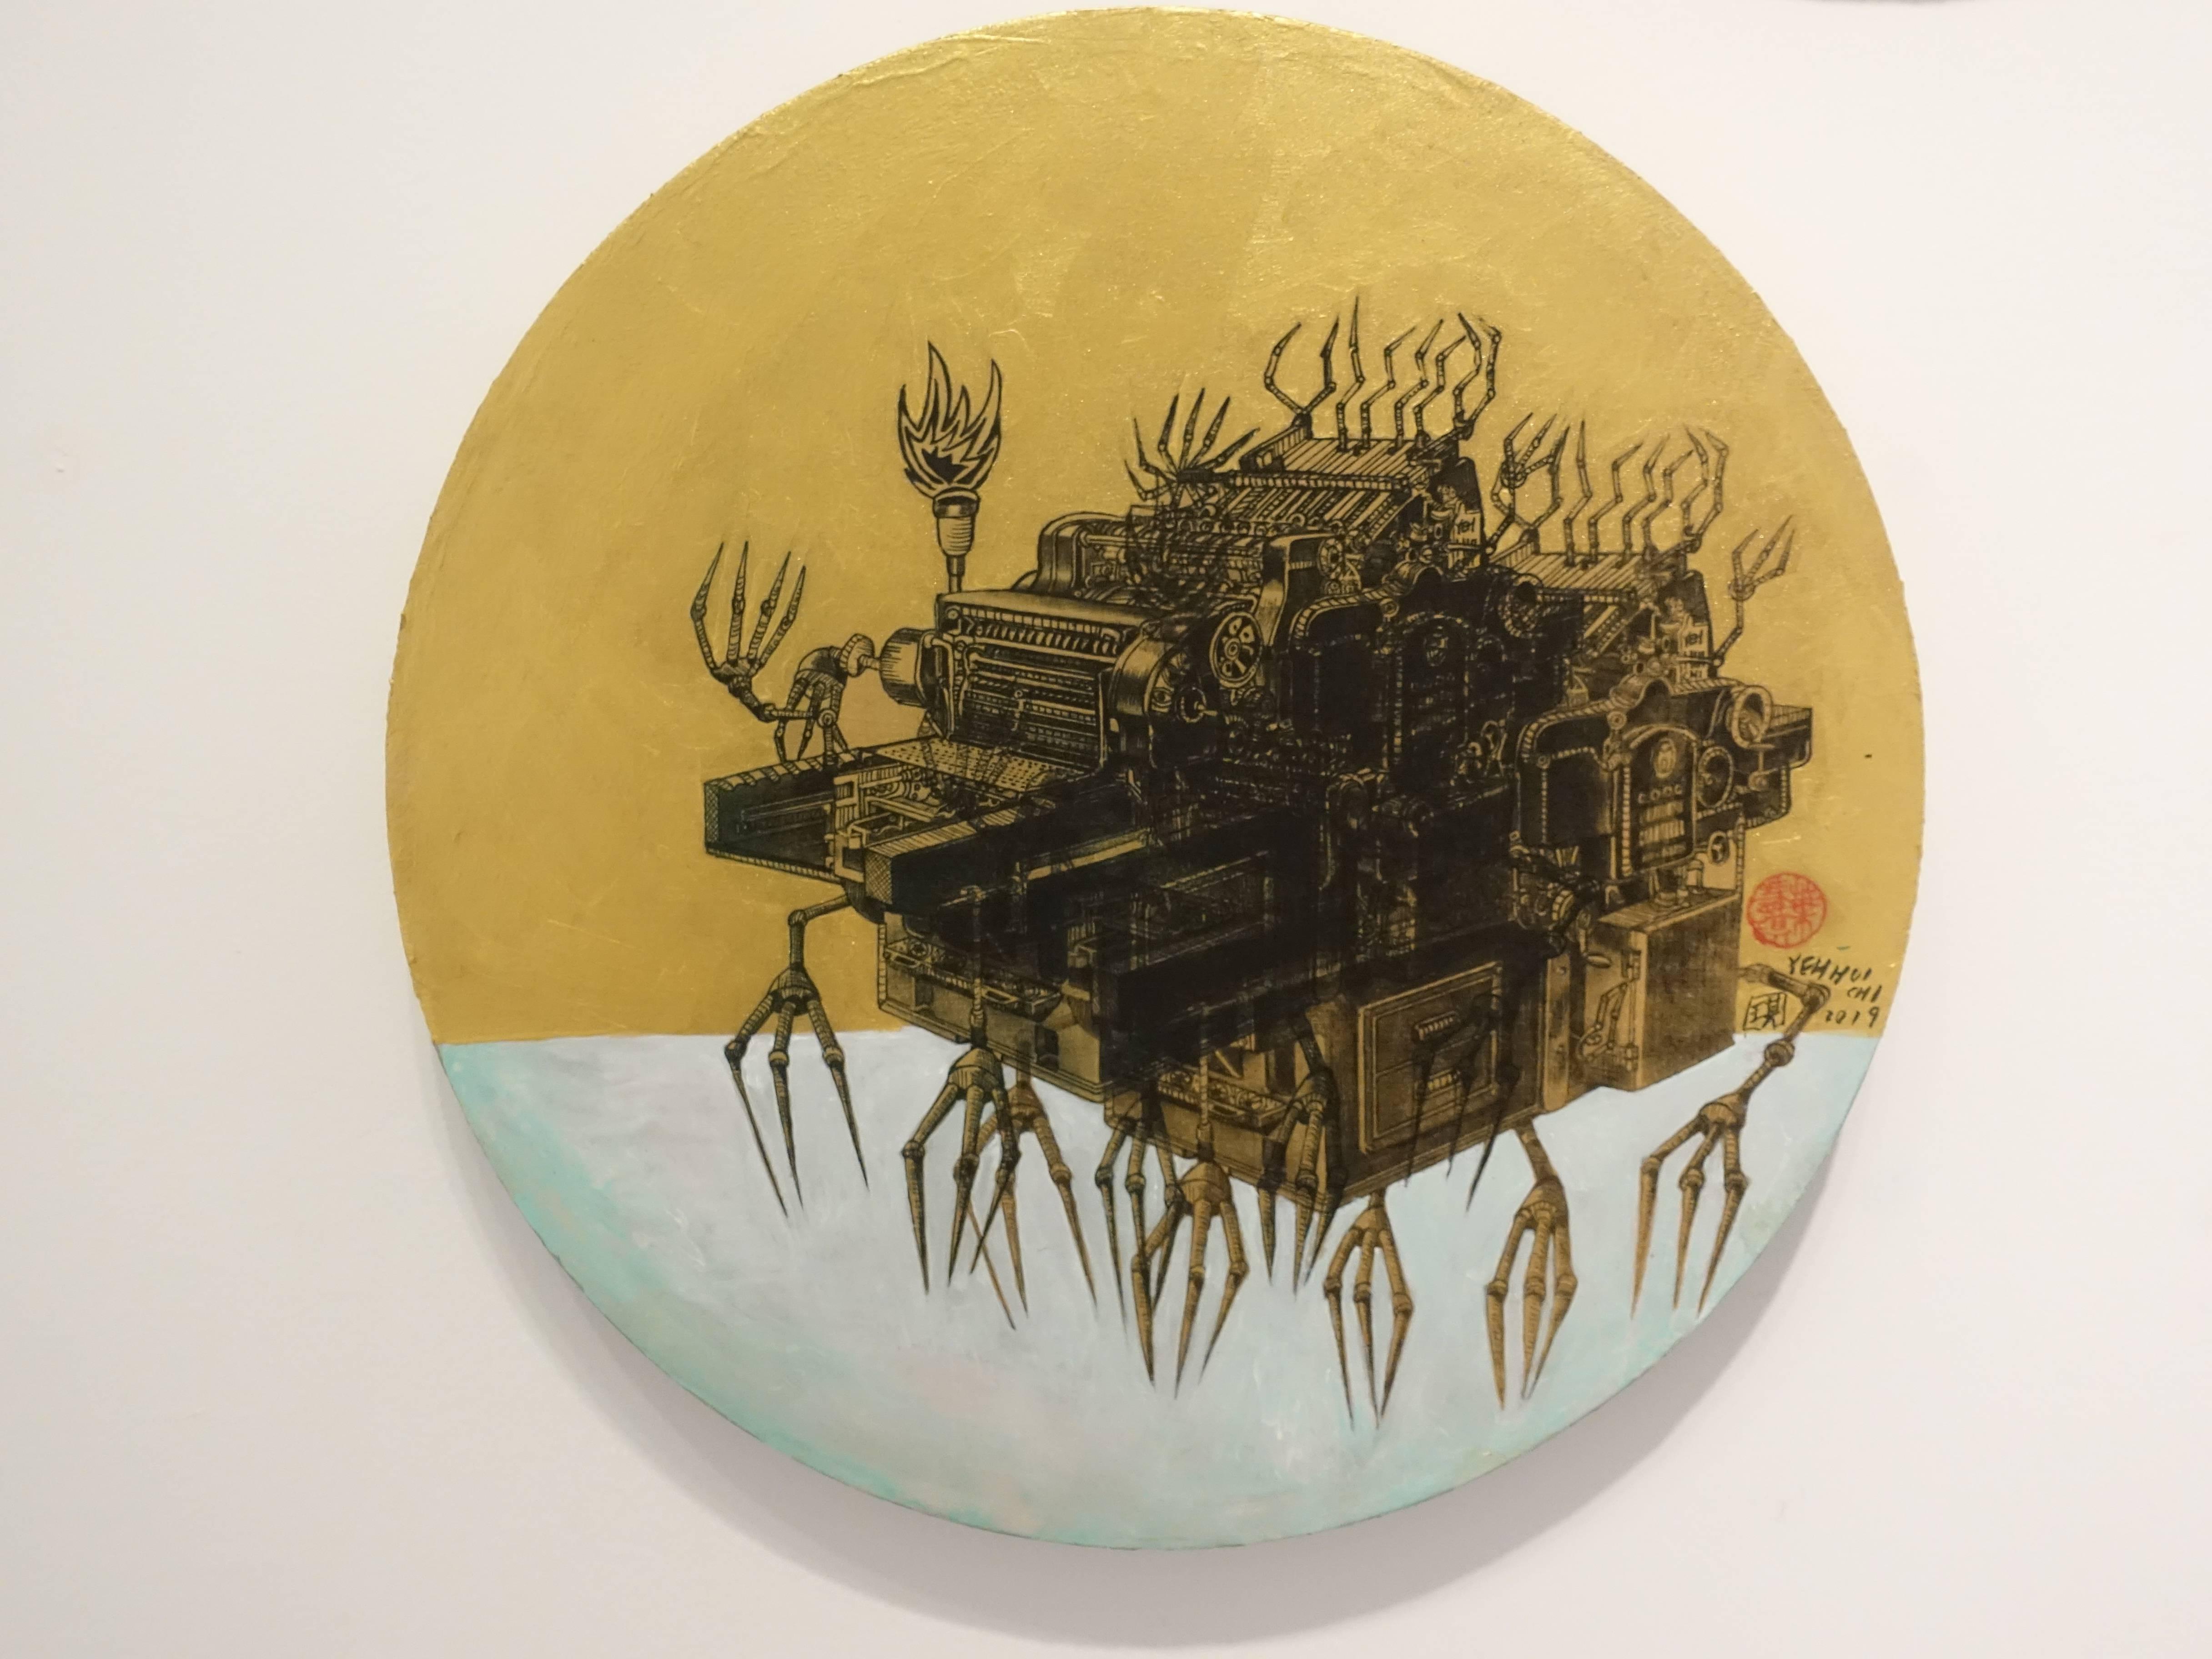 葉慧琪,《機械群50》,30 x 30 cm,綜合媒材、絹布。